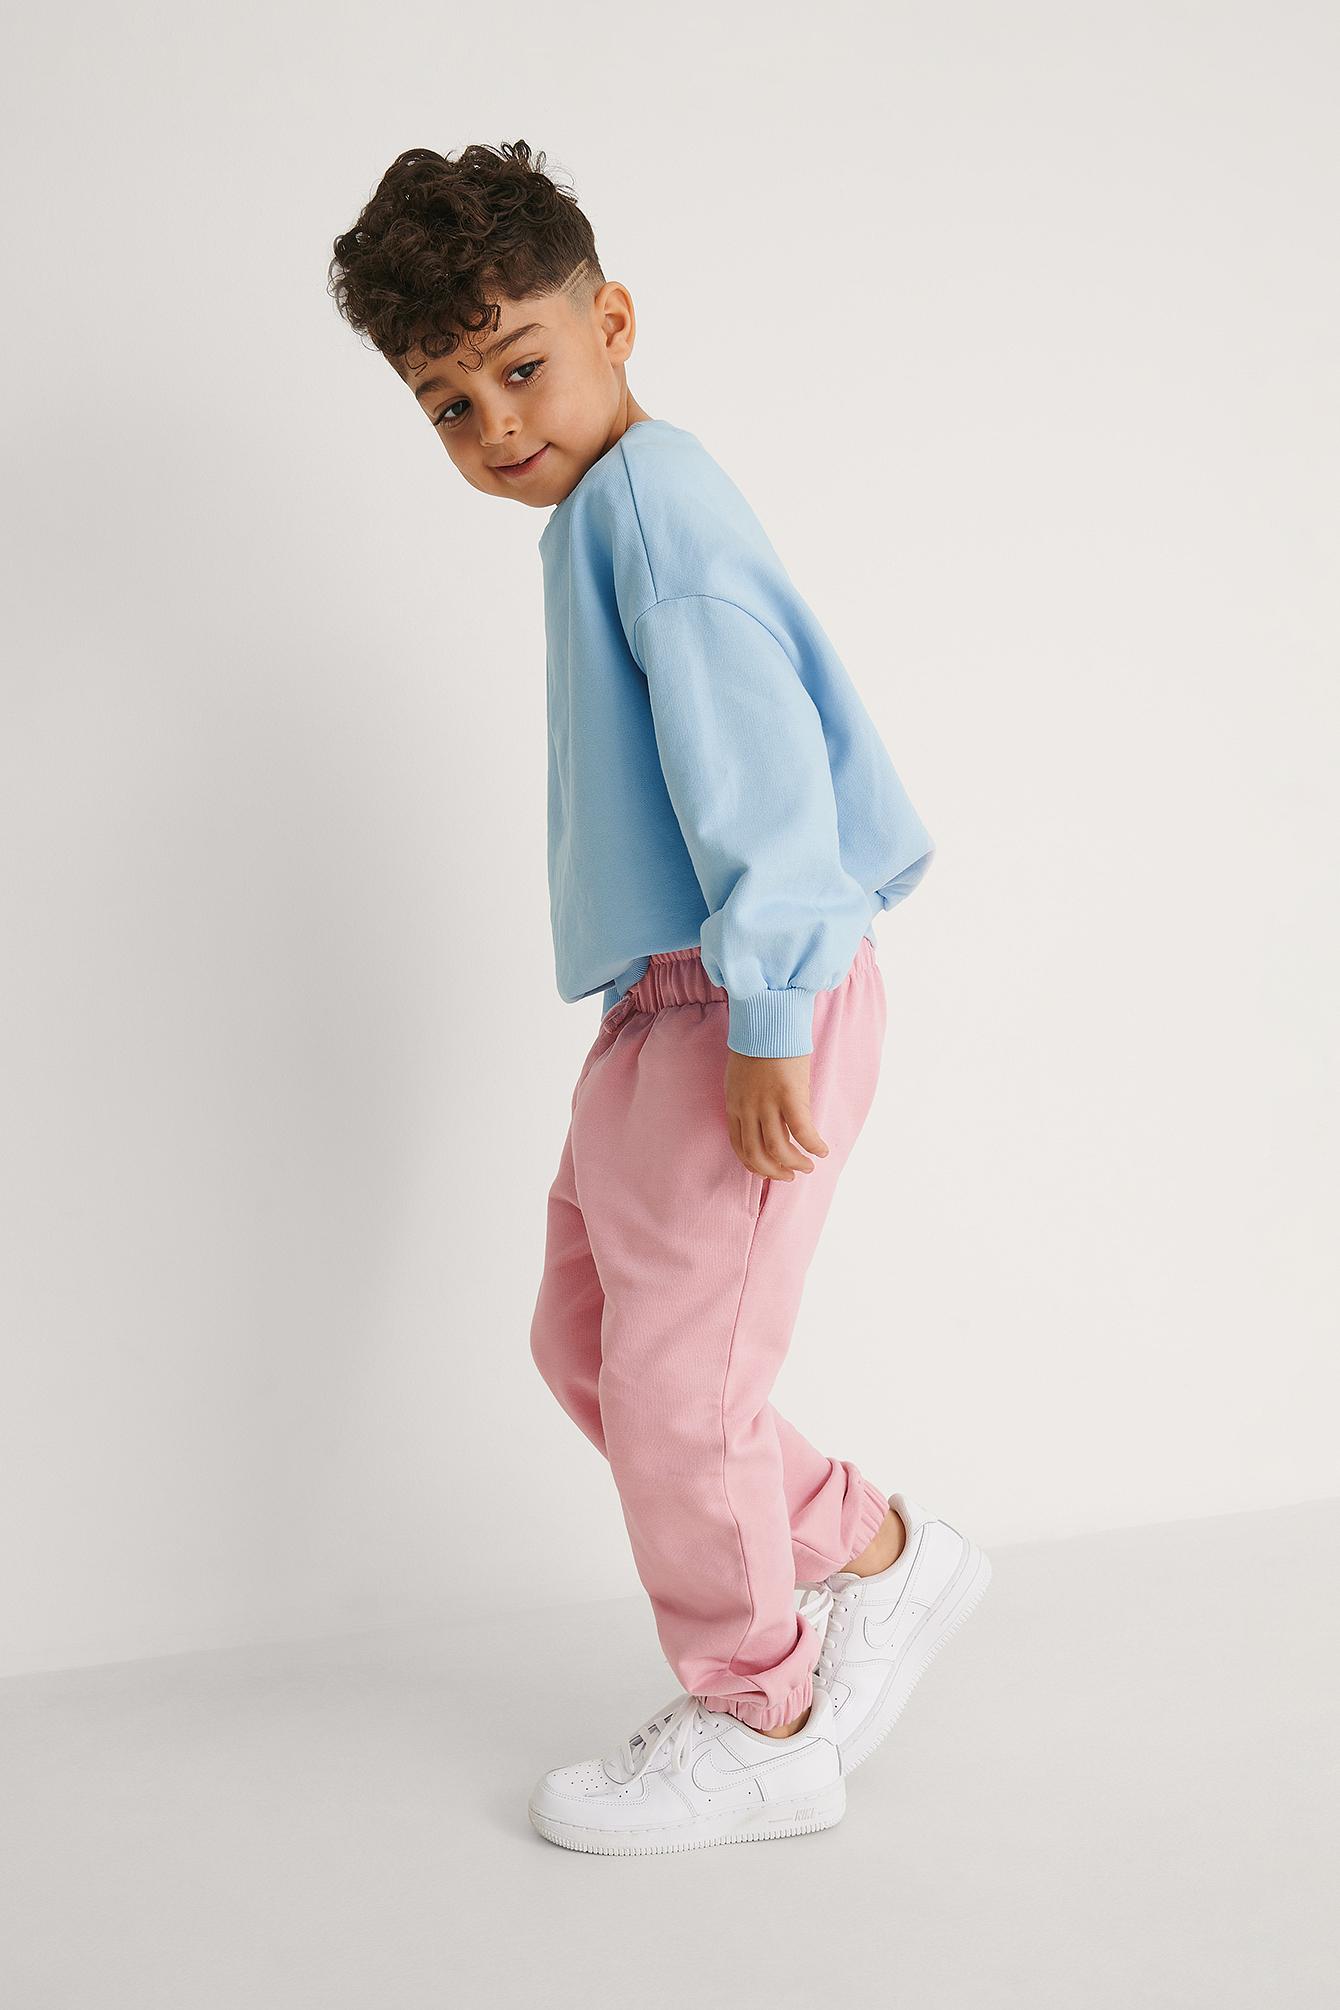 KIDS by NA-KD Perustyyliset Orgaaniset Farkut - Pink